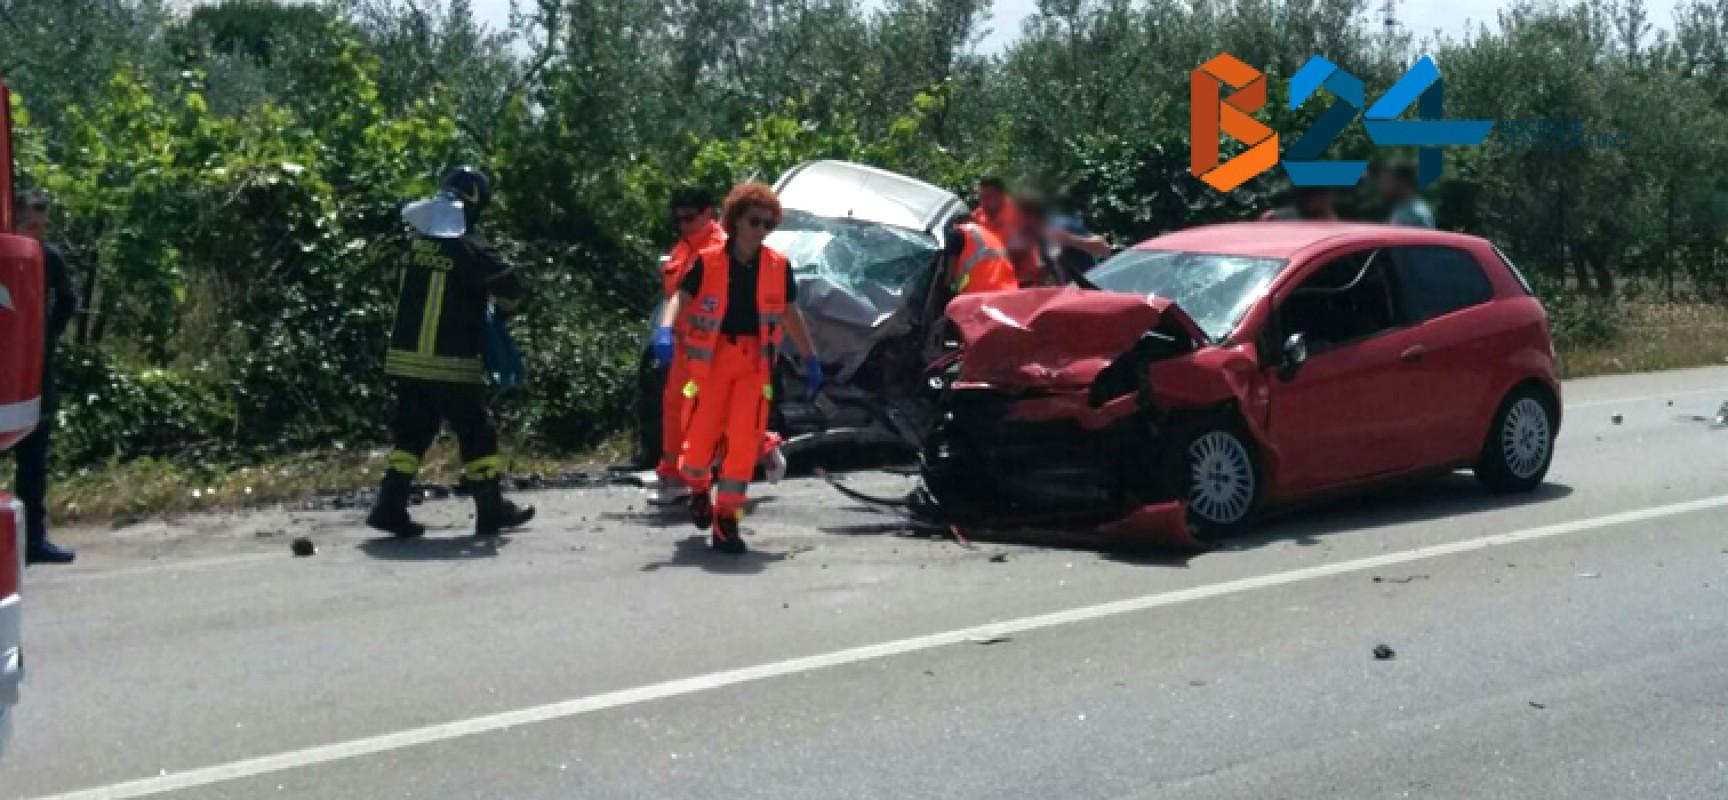 Grave incidente sulla Bisceglie-Andria: morto un giovane andriese, feriti coniugi biscegliesi